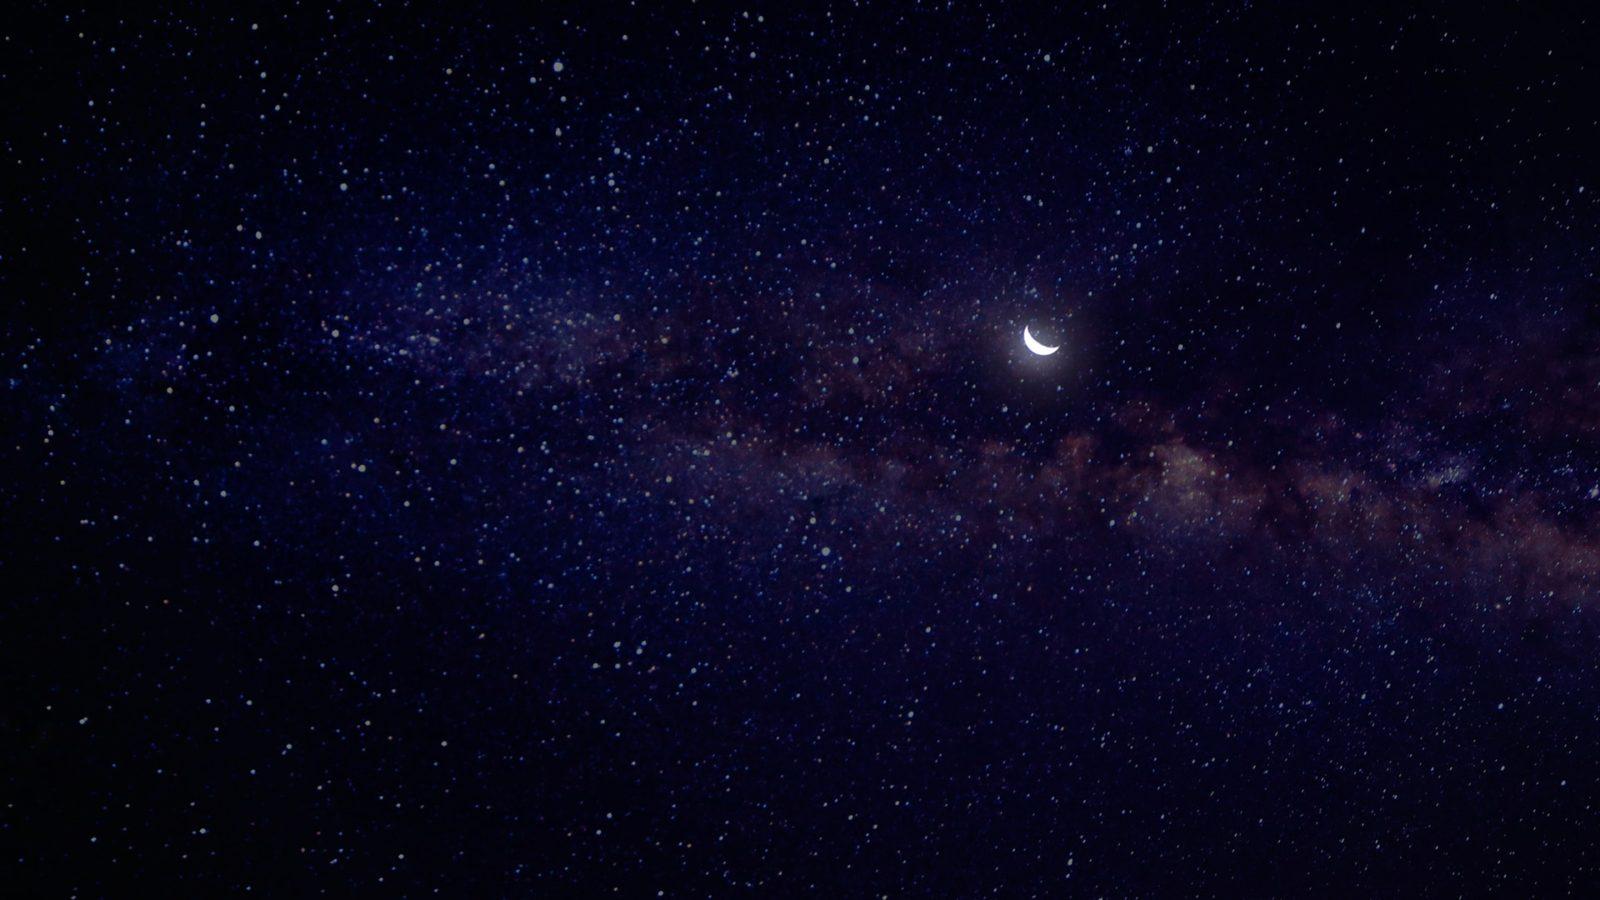 обои звёздное небо 7